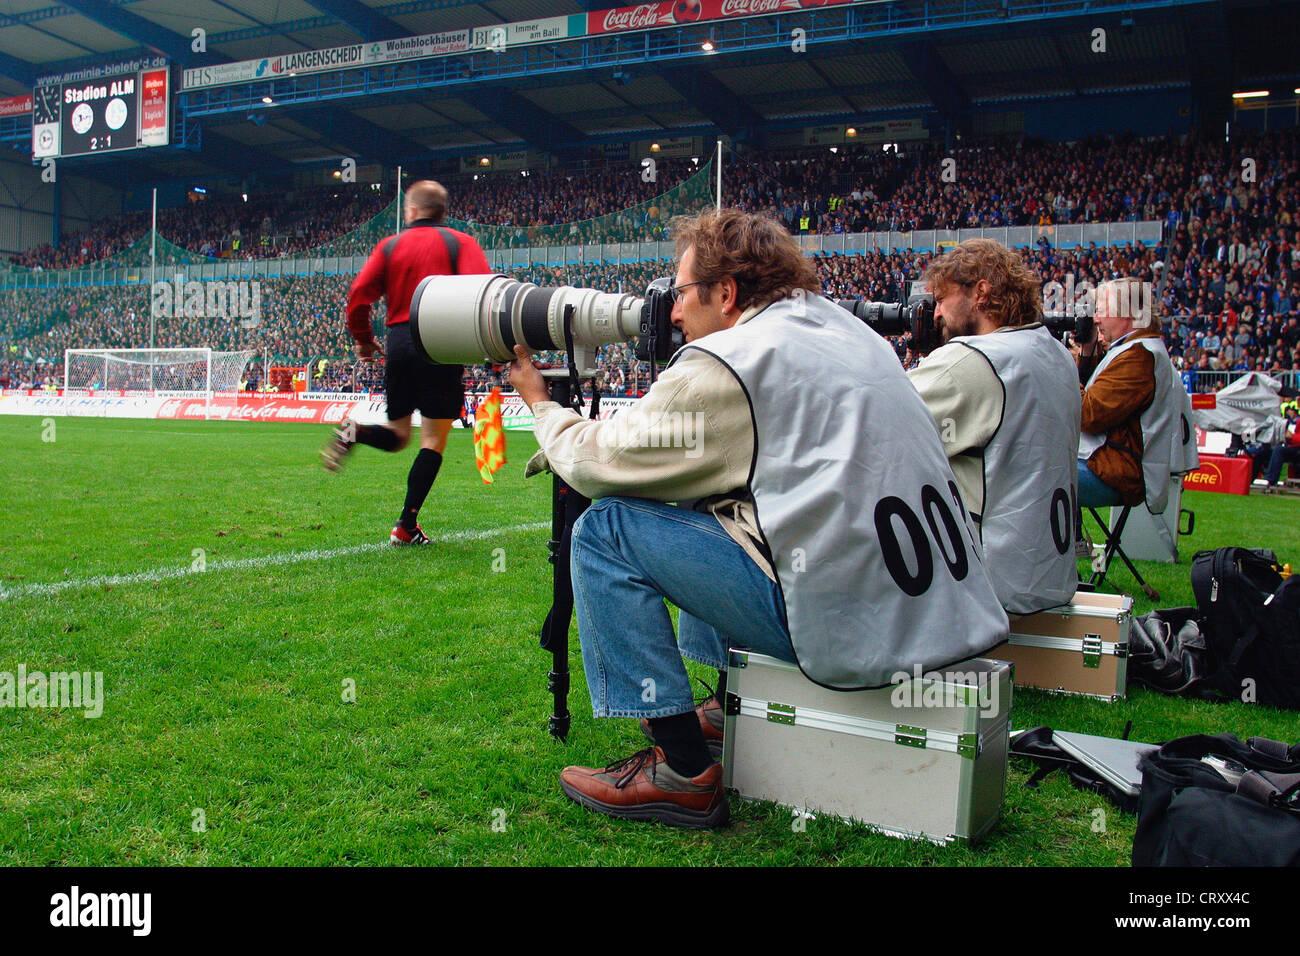 Fotografen Bielefeld bielefeld sport fotografen beim bundesliga fußballspiel stockfoto